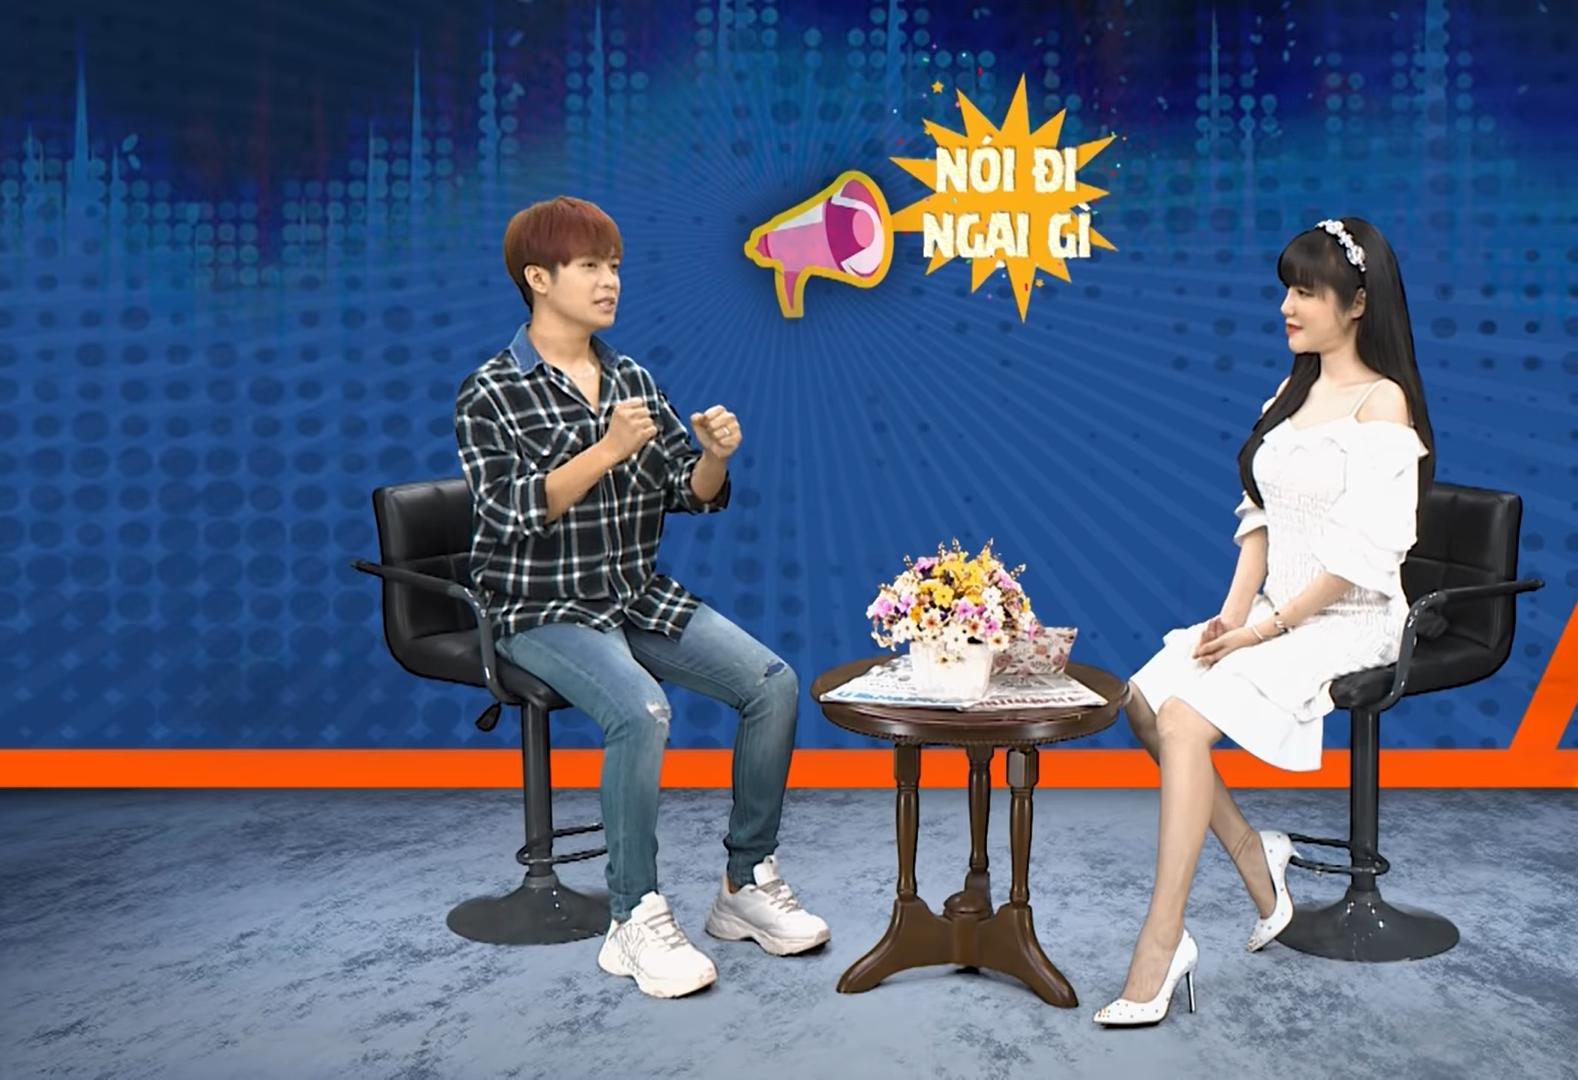 Elly Trần bất ngờ tiết lộ: tôi không biết mình thích ai trong showbiz - Ảnh 1.